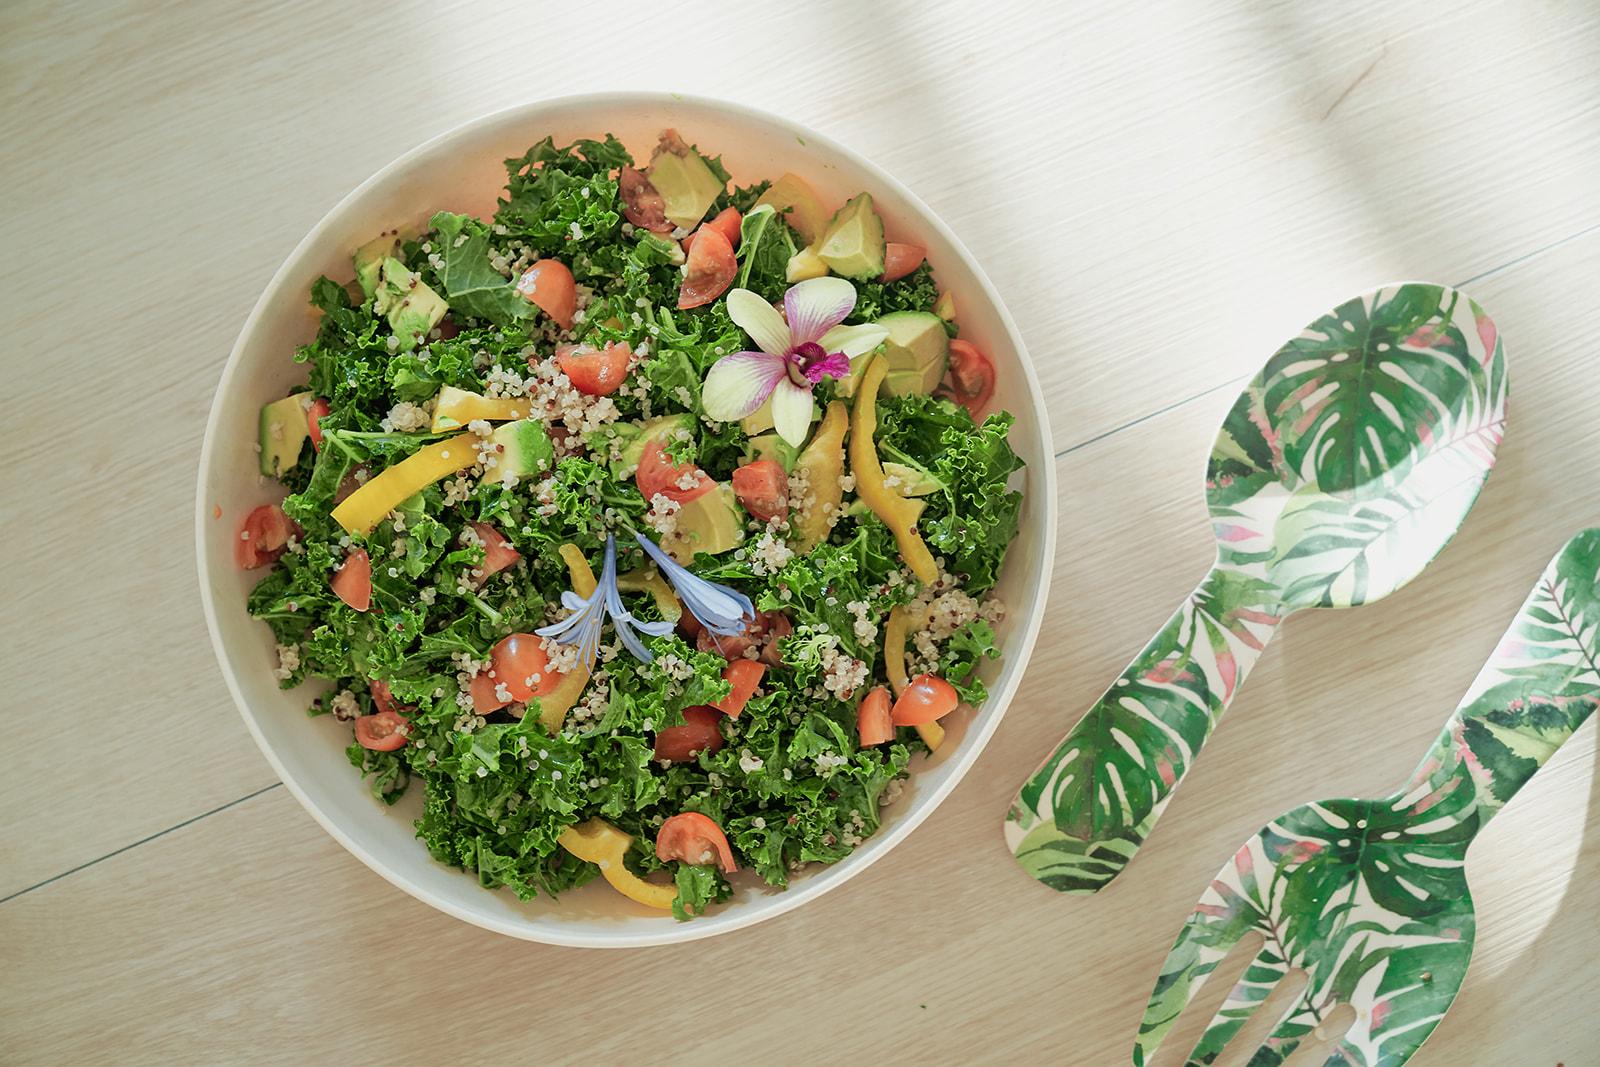 Healthy Kale Avocado Salad By Chef Amanda Smith In Hawaii